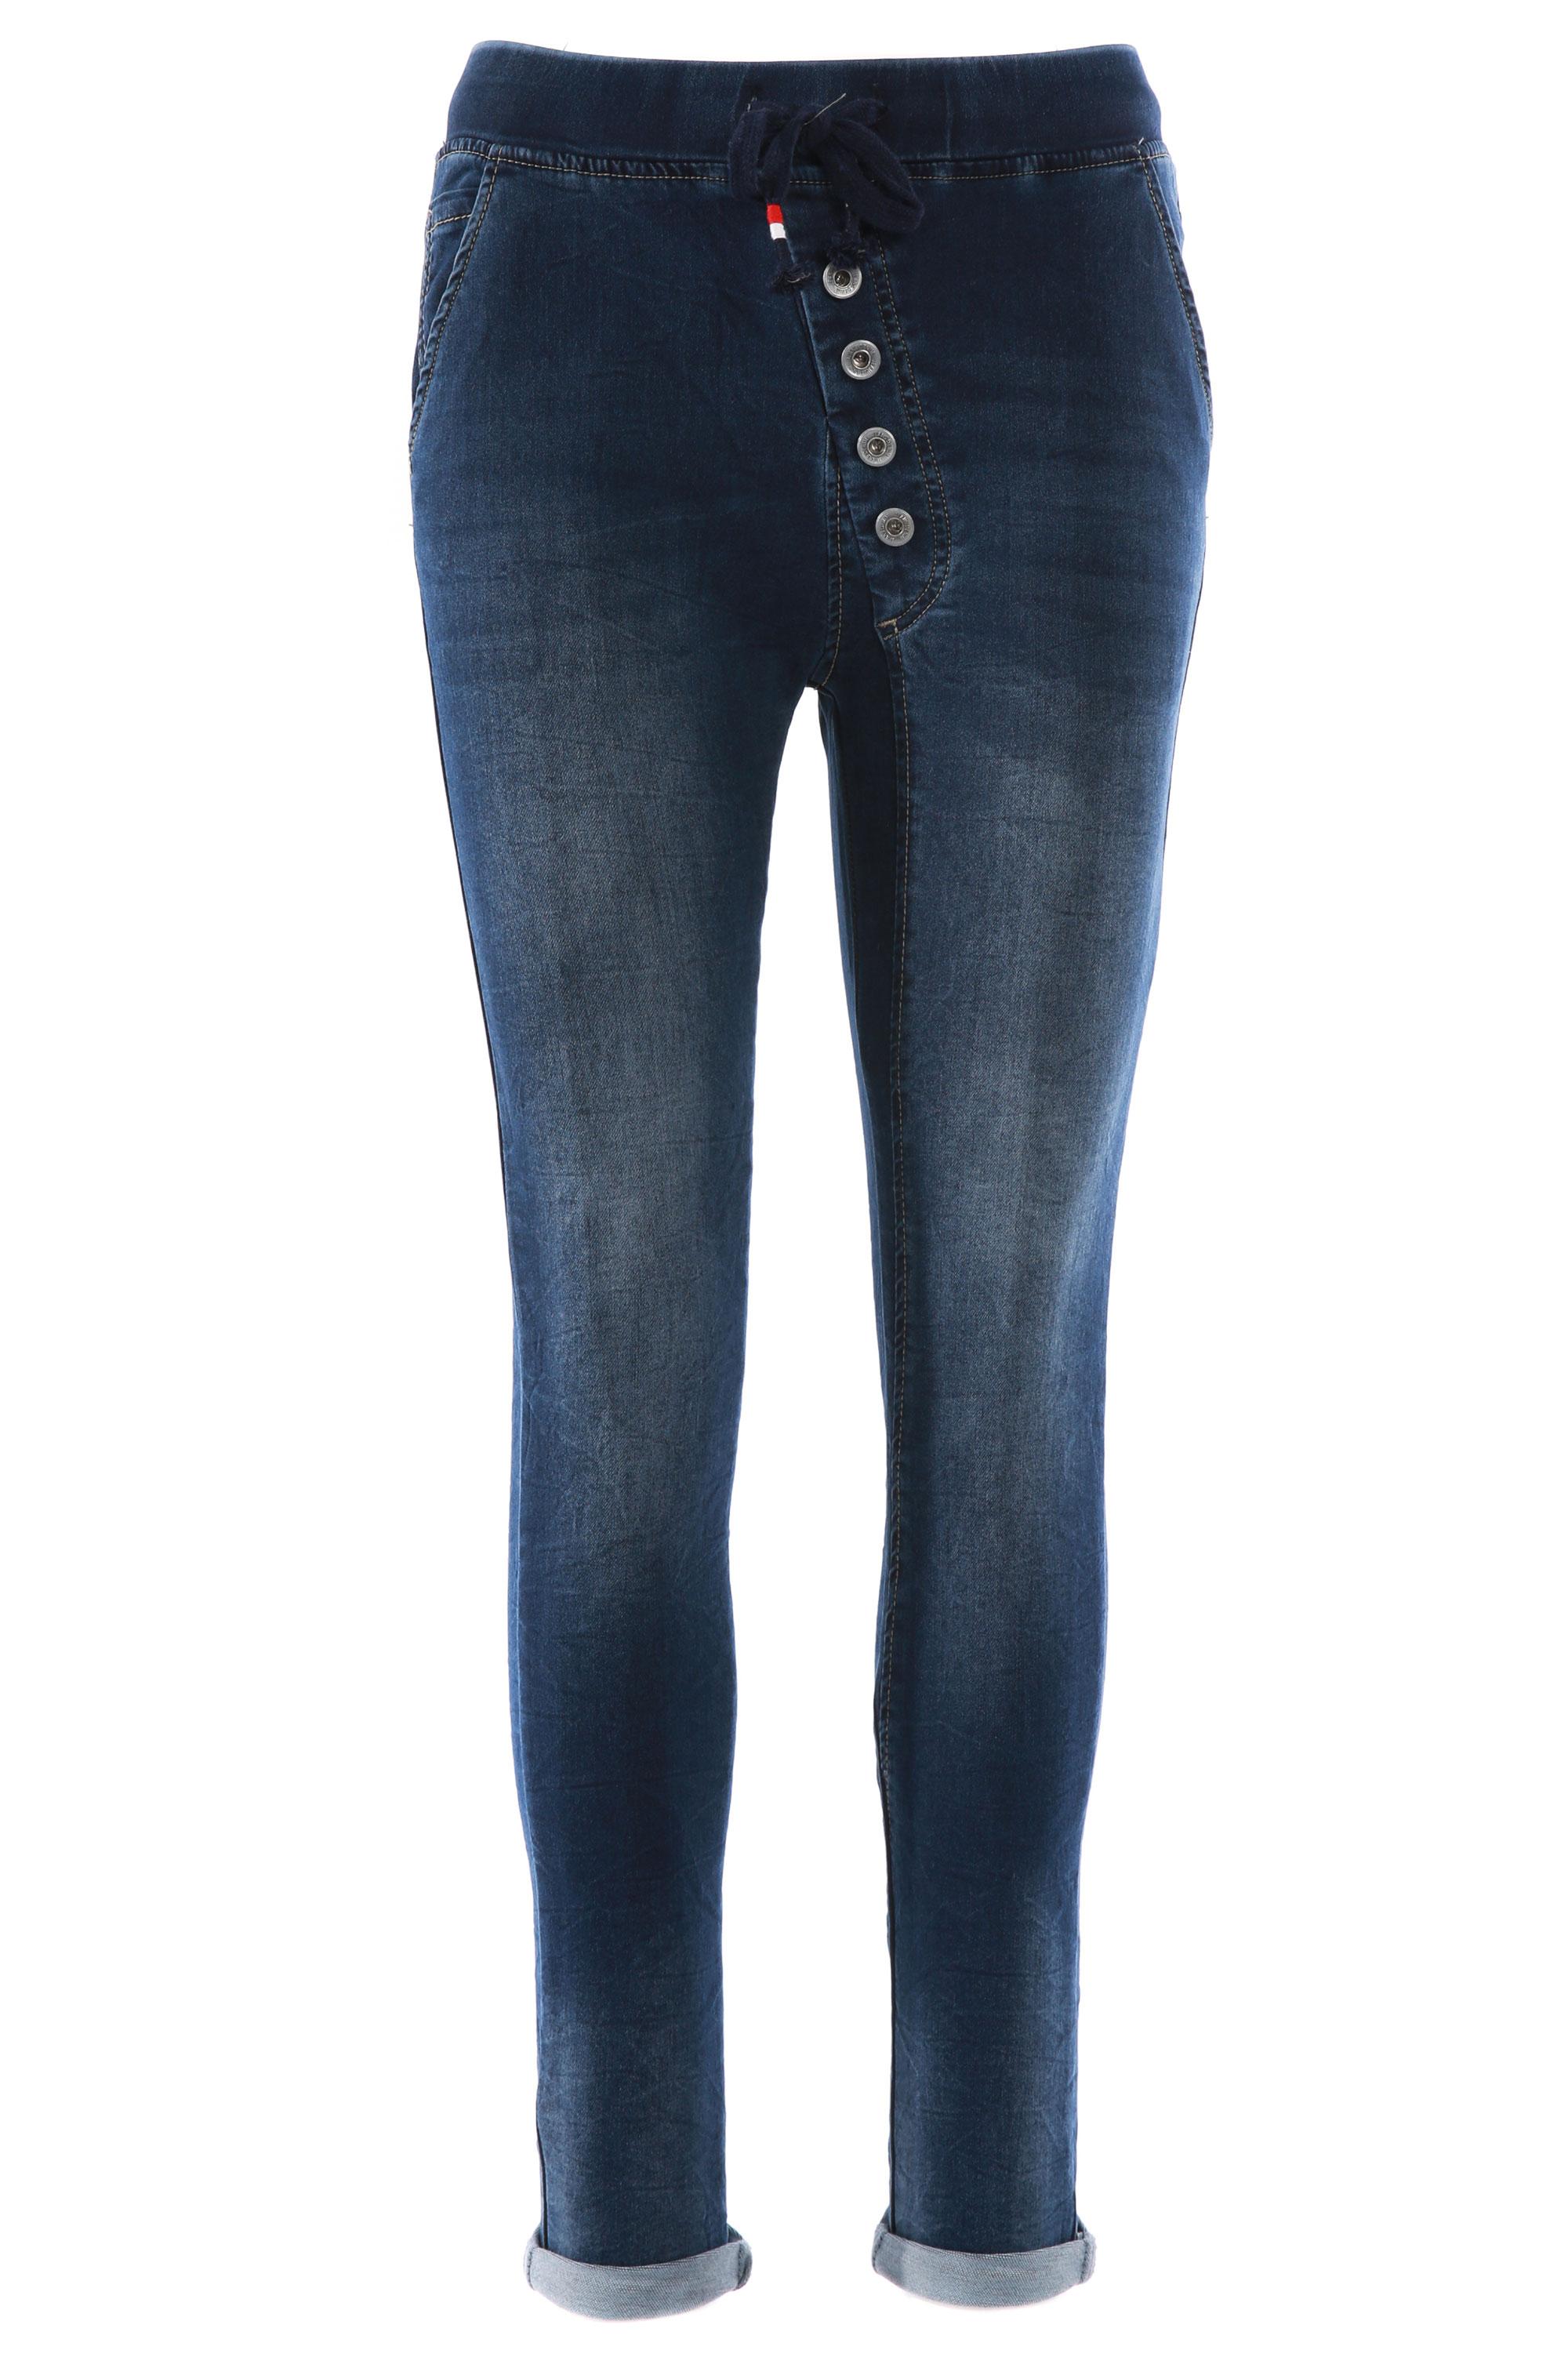 Spodnie - 42-6305 JEANS - Unisono